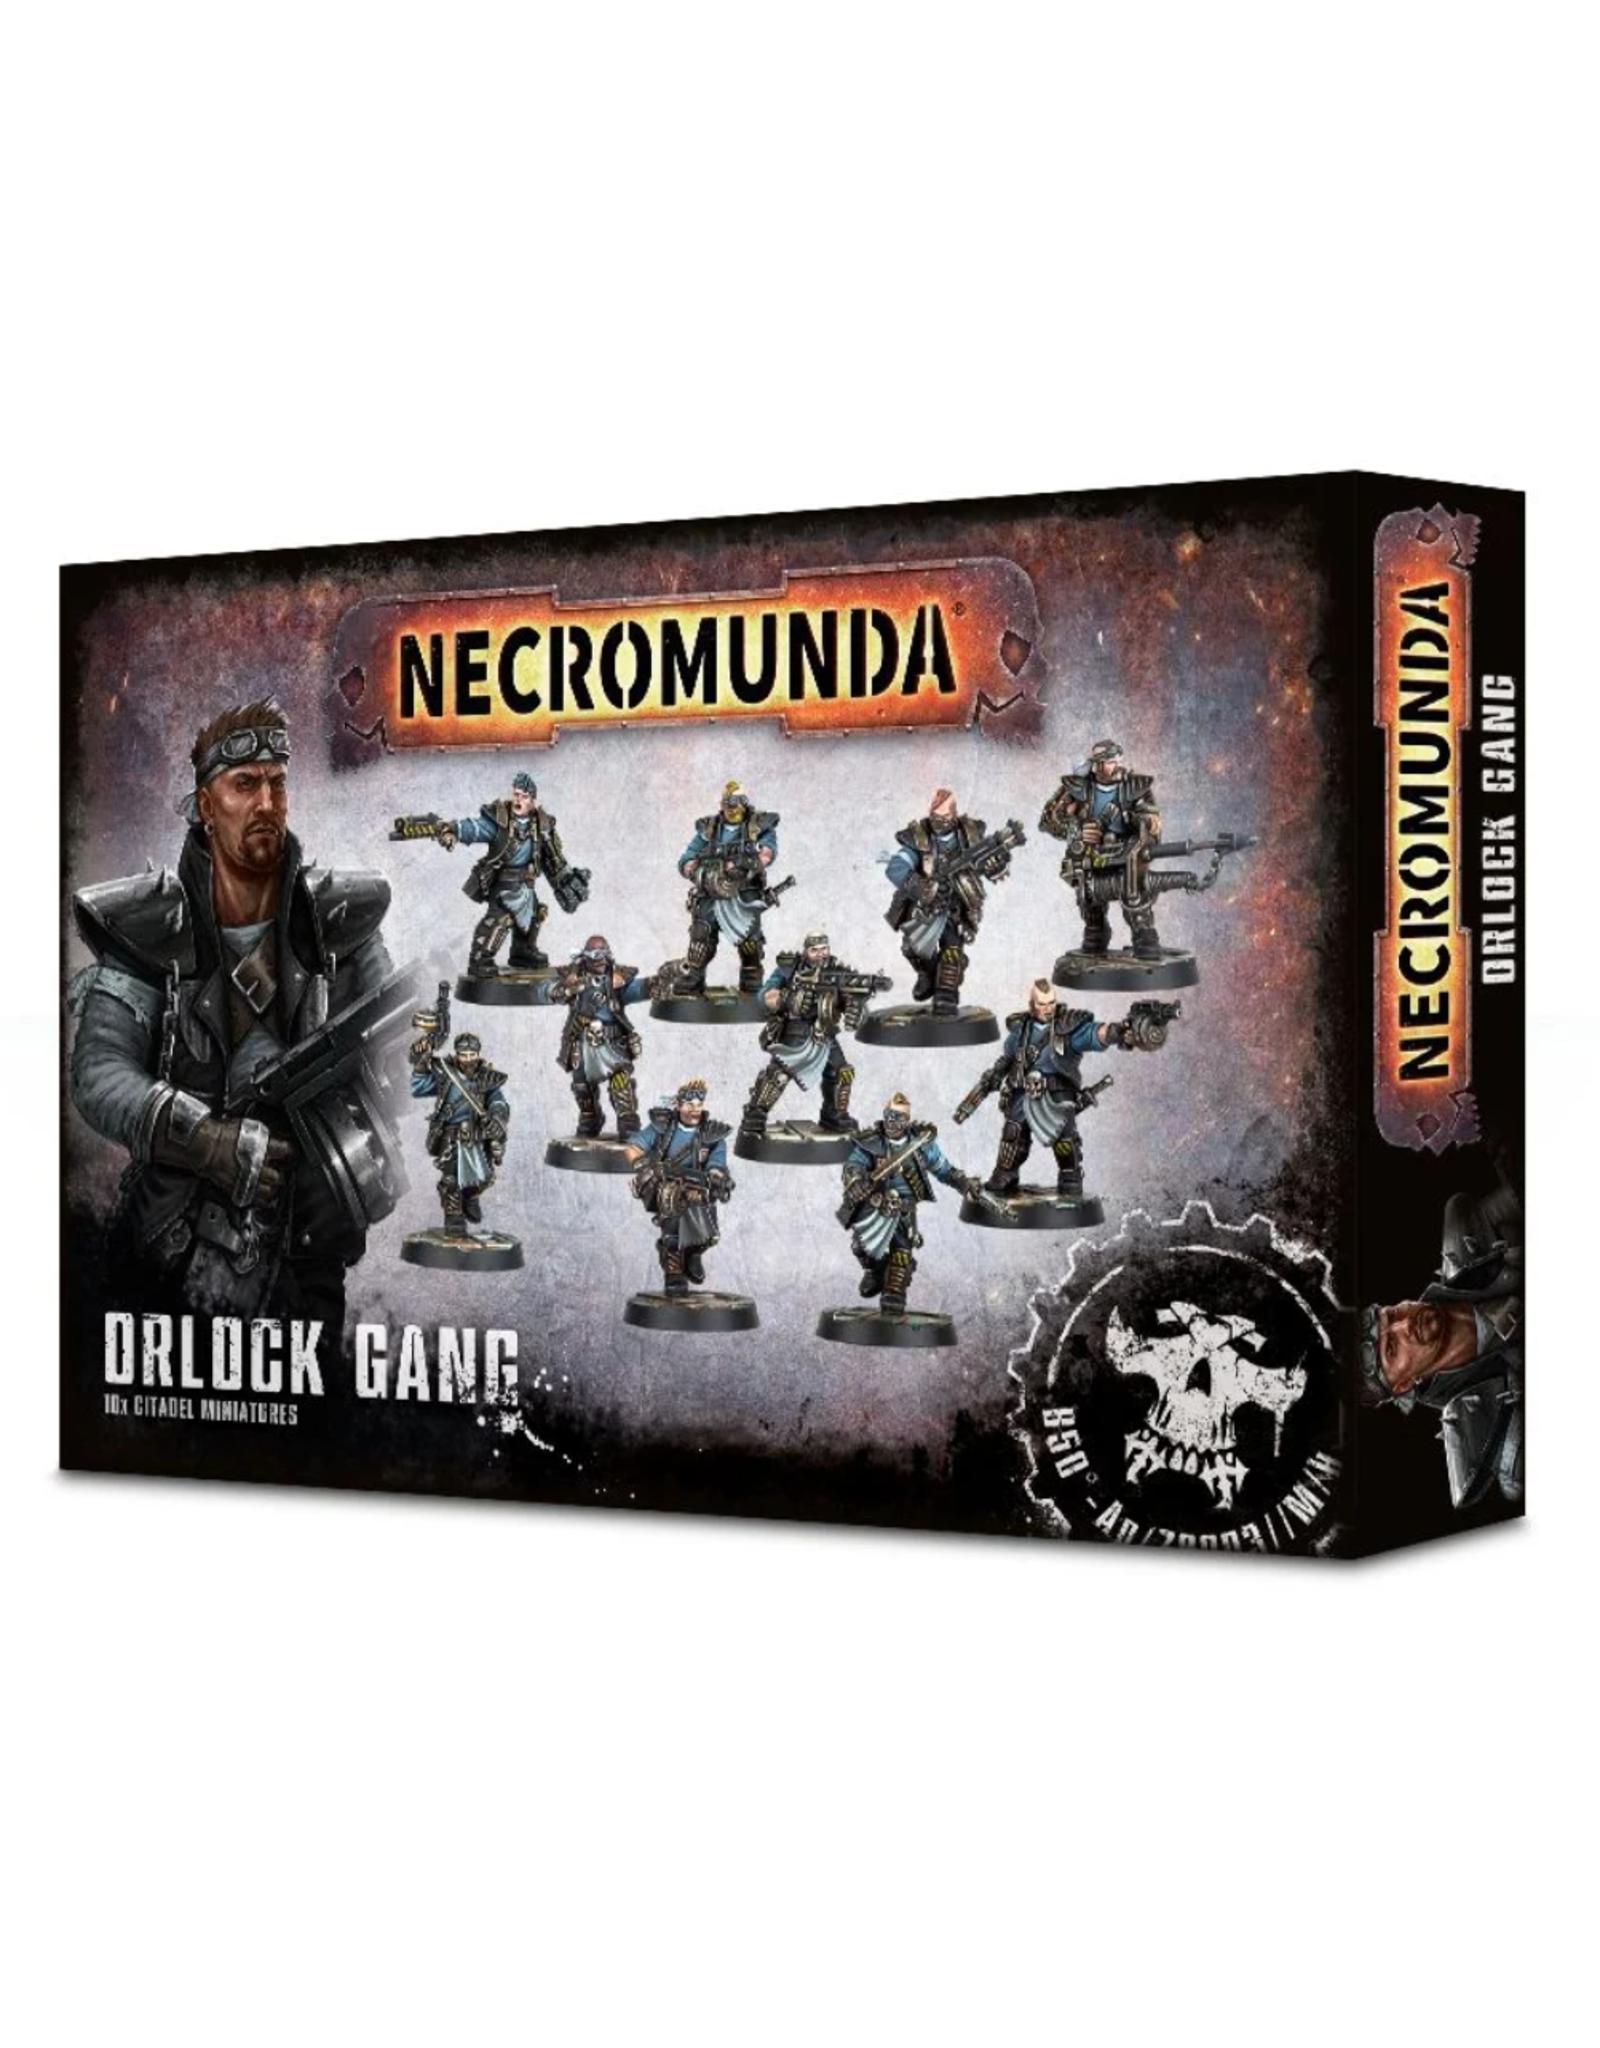 Necromunda Necromunda Orilock Gang